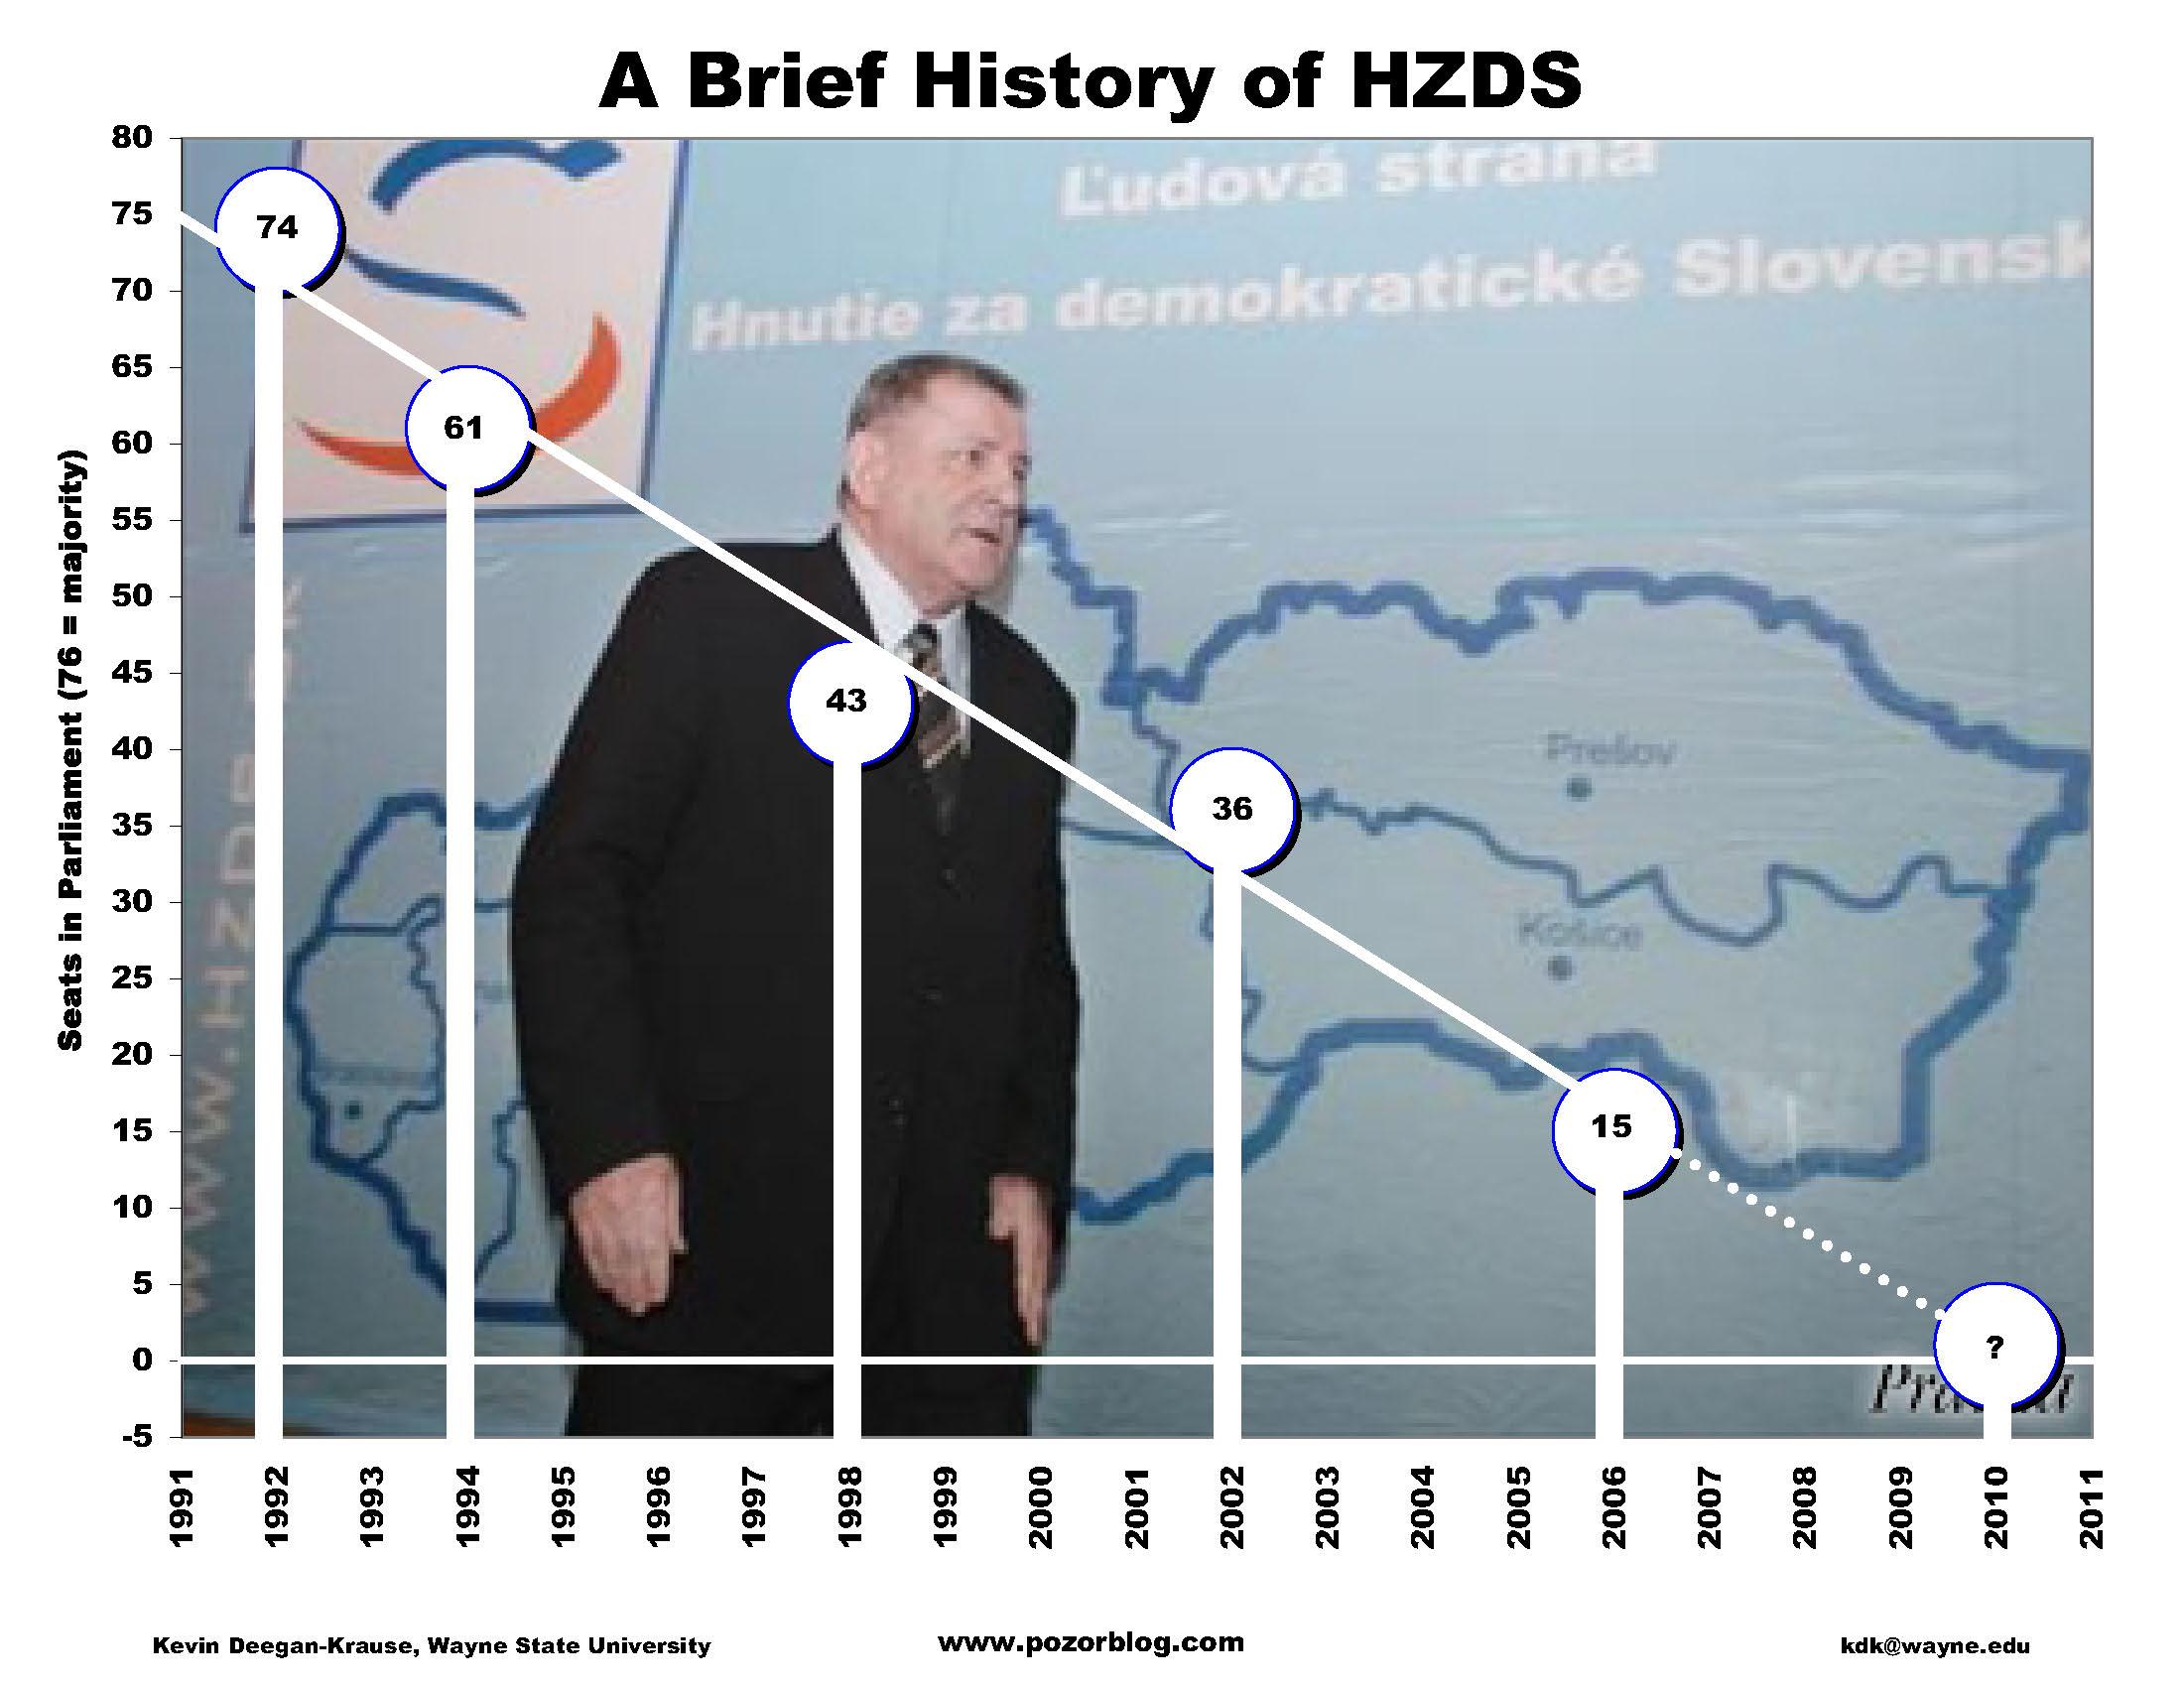 HZDS Trendline